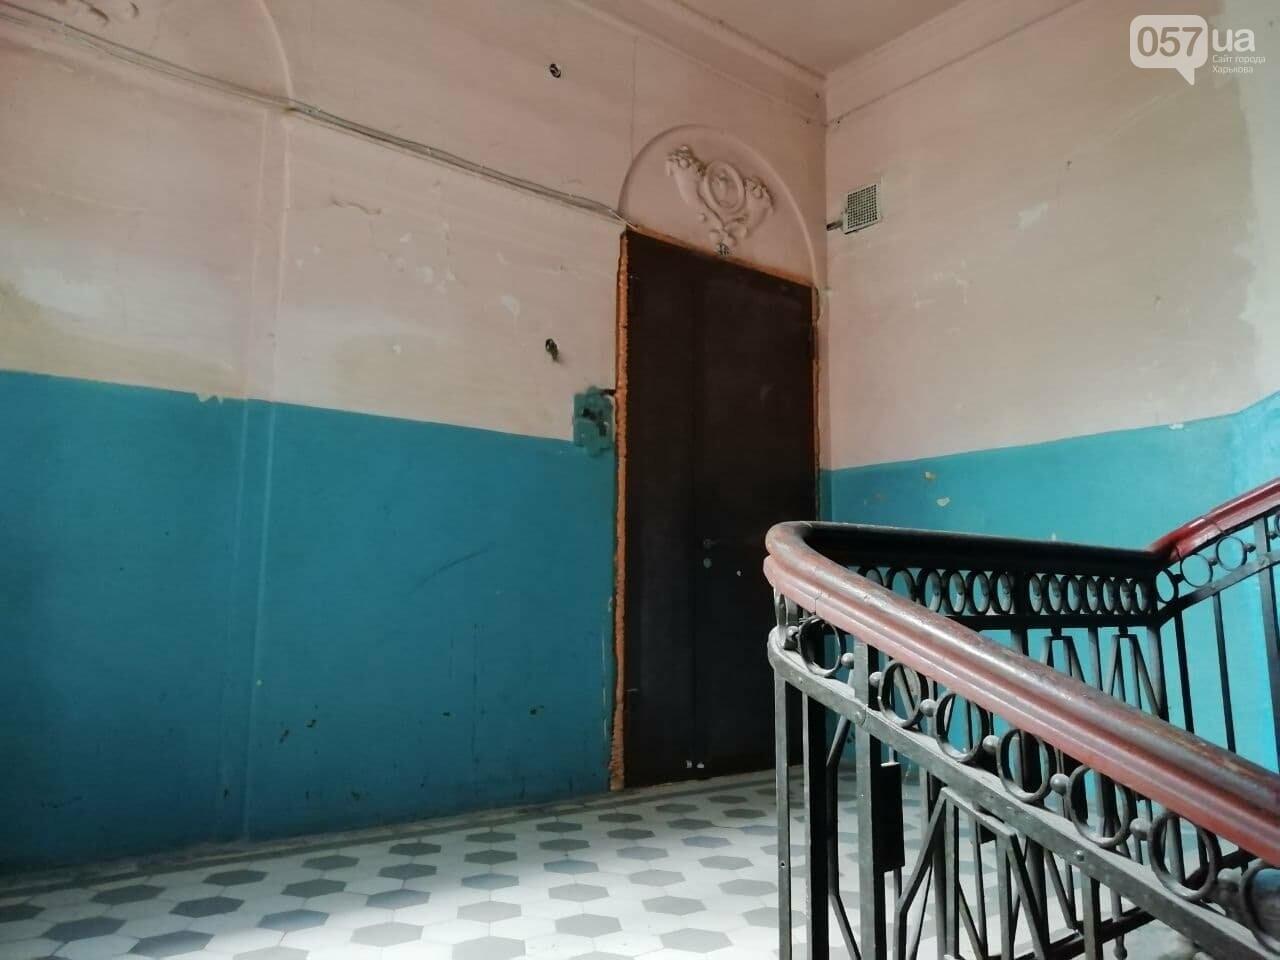 Квартира Шевелева в центра Харькова стала творческой резиденцией, - ФОТО, ВИДЕО, фото-1